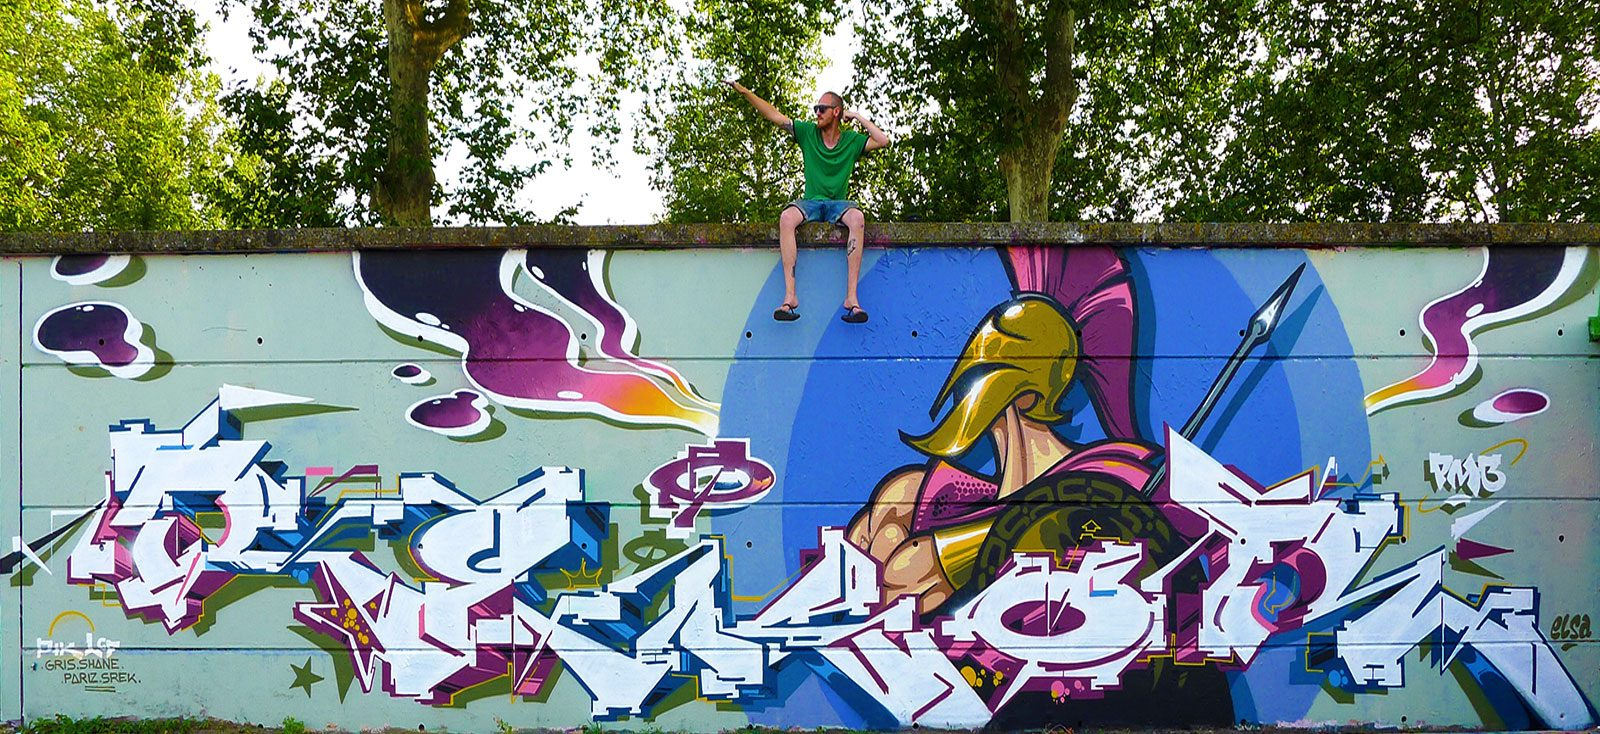 Graffiti ou tatouage, Rekor met tout le monde d'accord